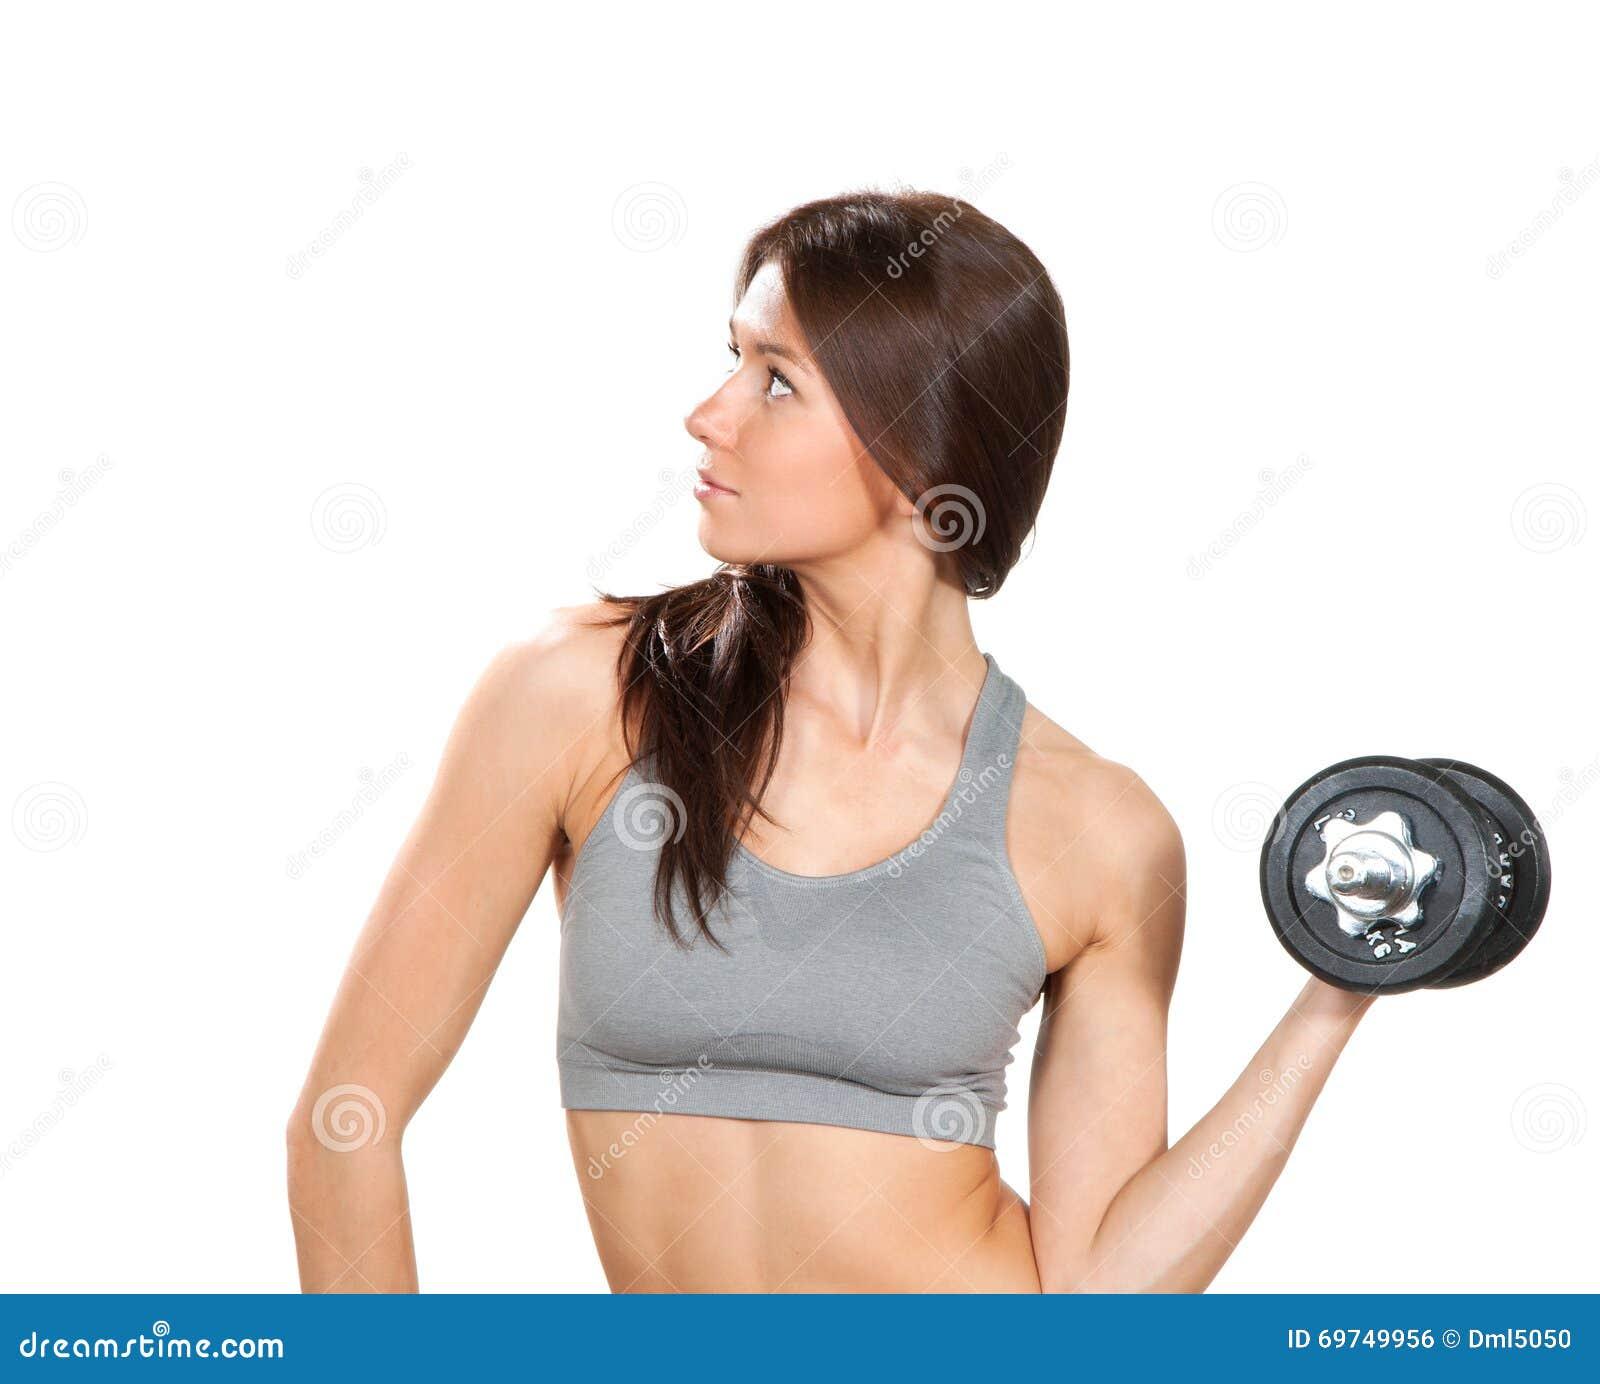 Sprawności fizycznej kobieta z perfect sportowym ciała i abs treningiem